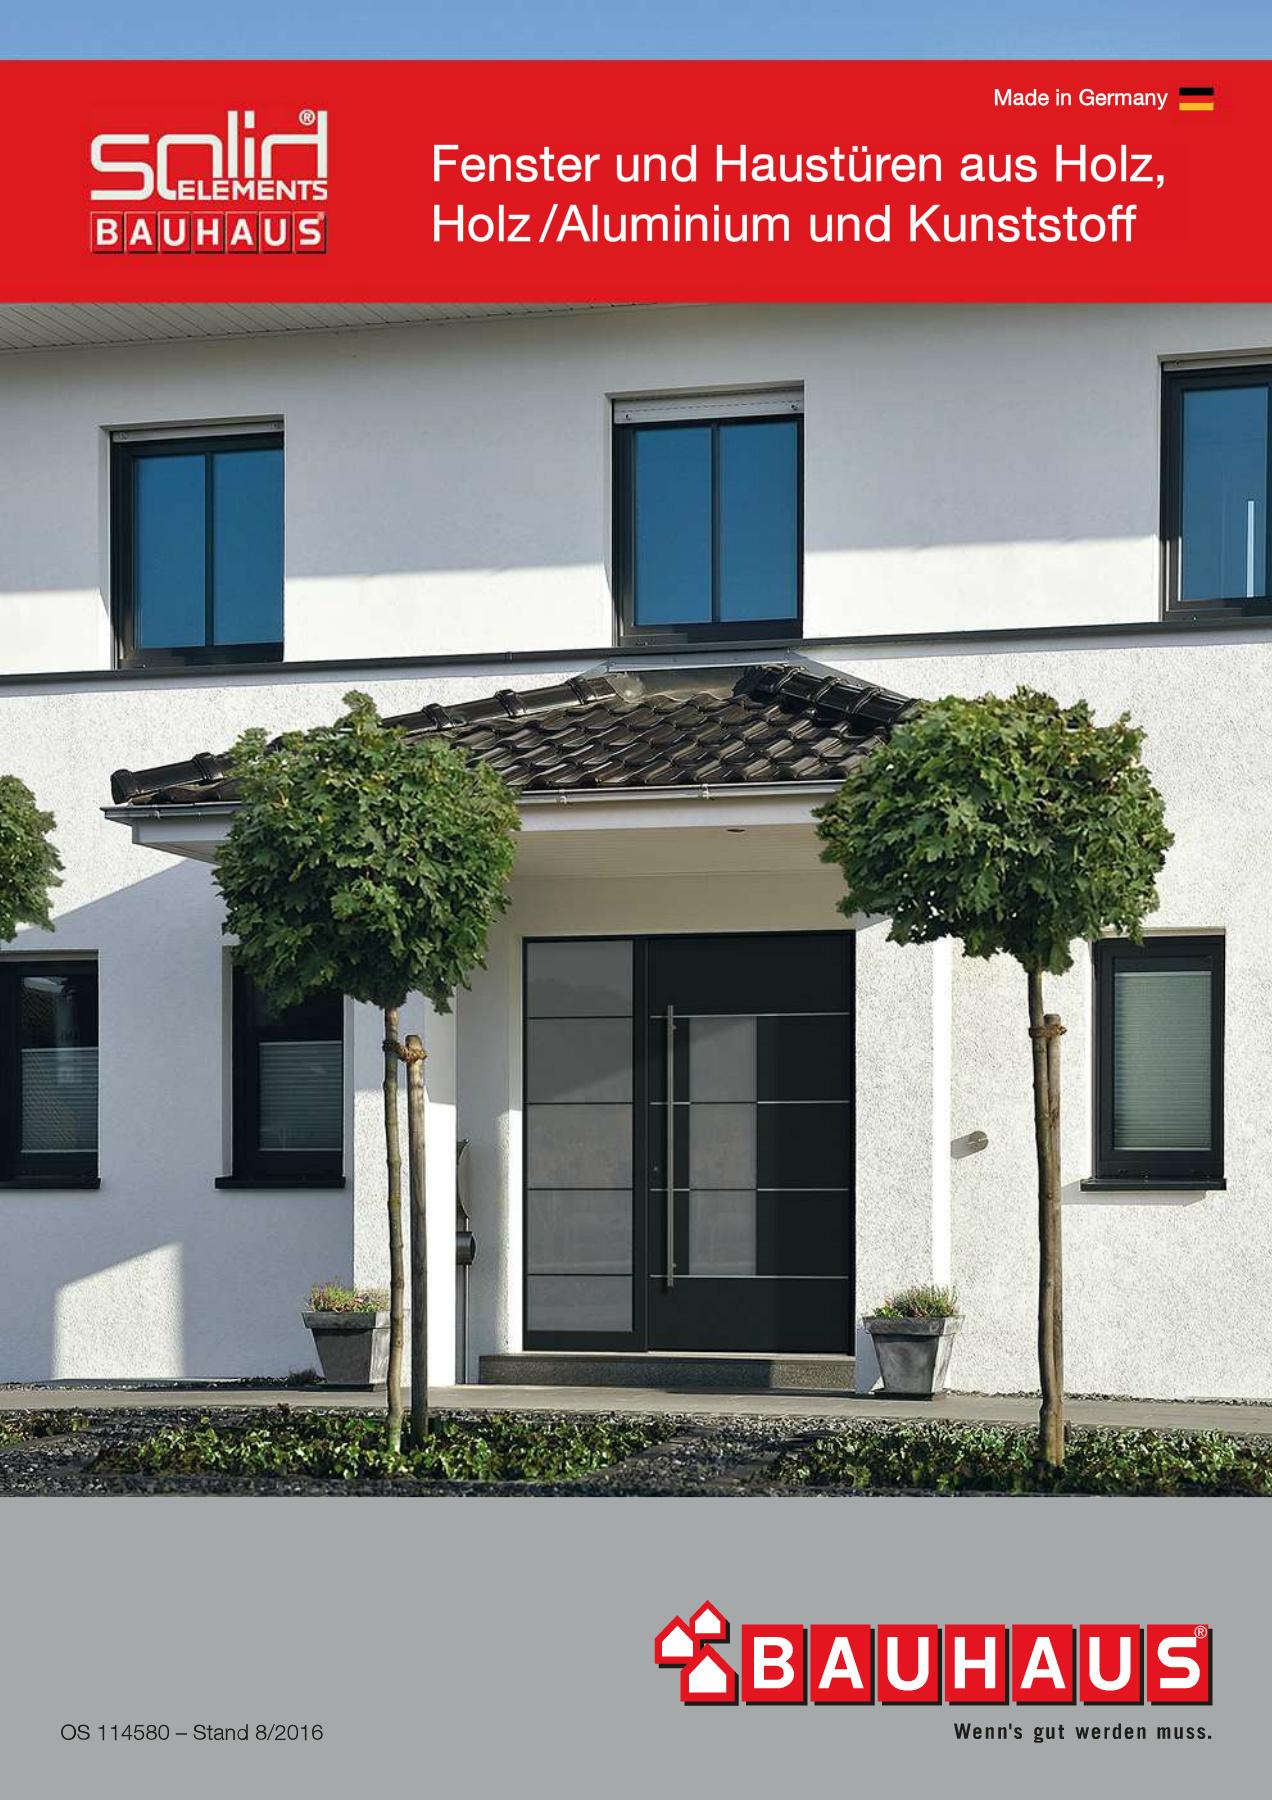 Full Size of Bauhaus Fenster Baumarkt Fensterfolie Einbauen Blickdichte Fensterbank Granit Granitplatten Fenstergriff Anleitung Sichtschutz Kosten Solid Und Haustren Mit Fenster Bauhaus Fenster